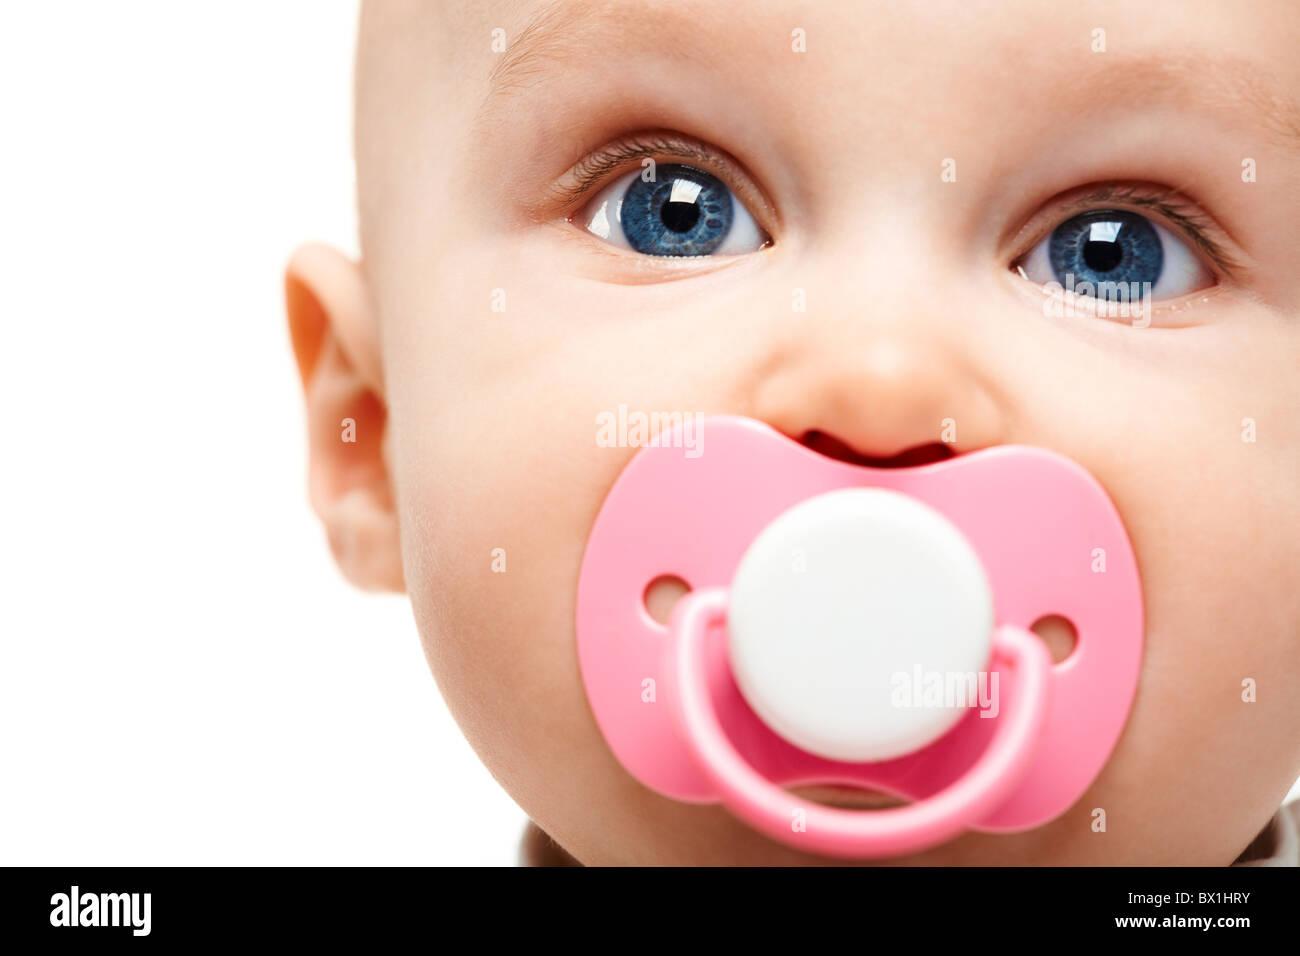 Gesicht der entzückende Baby mit Schnuller im Mund Blick in die Kamera Stockbild